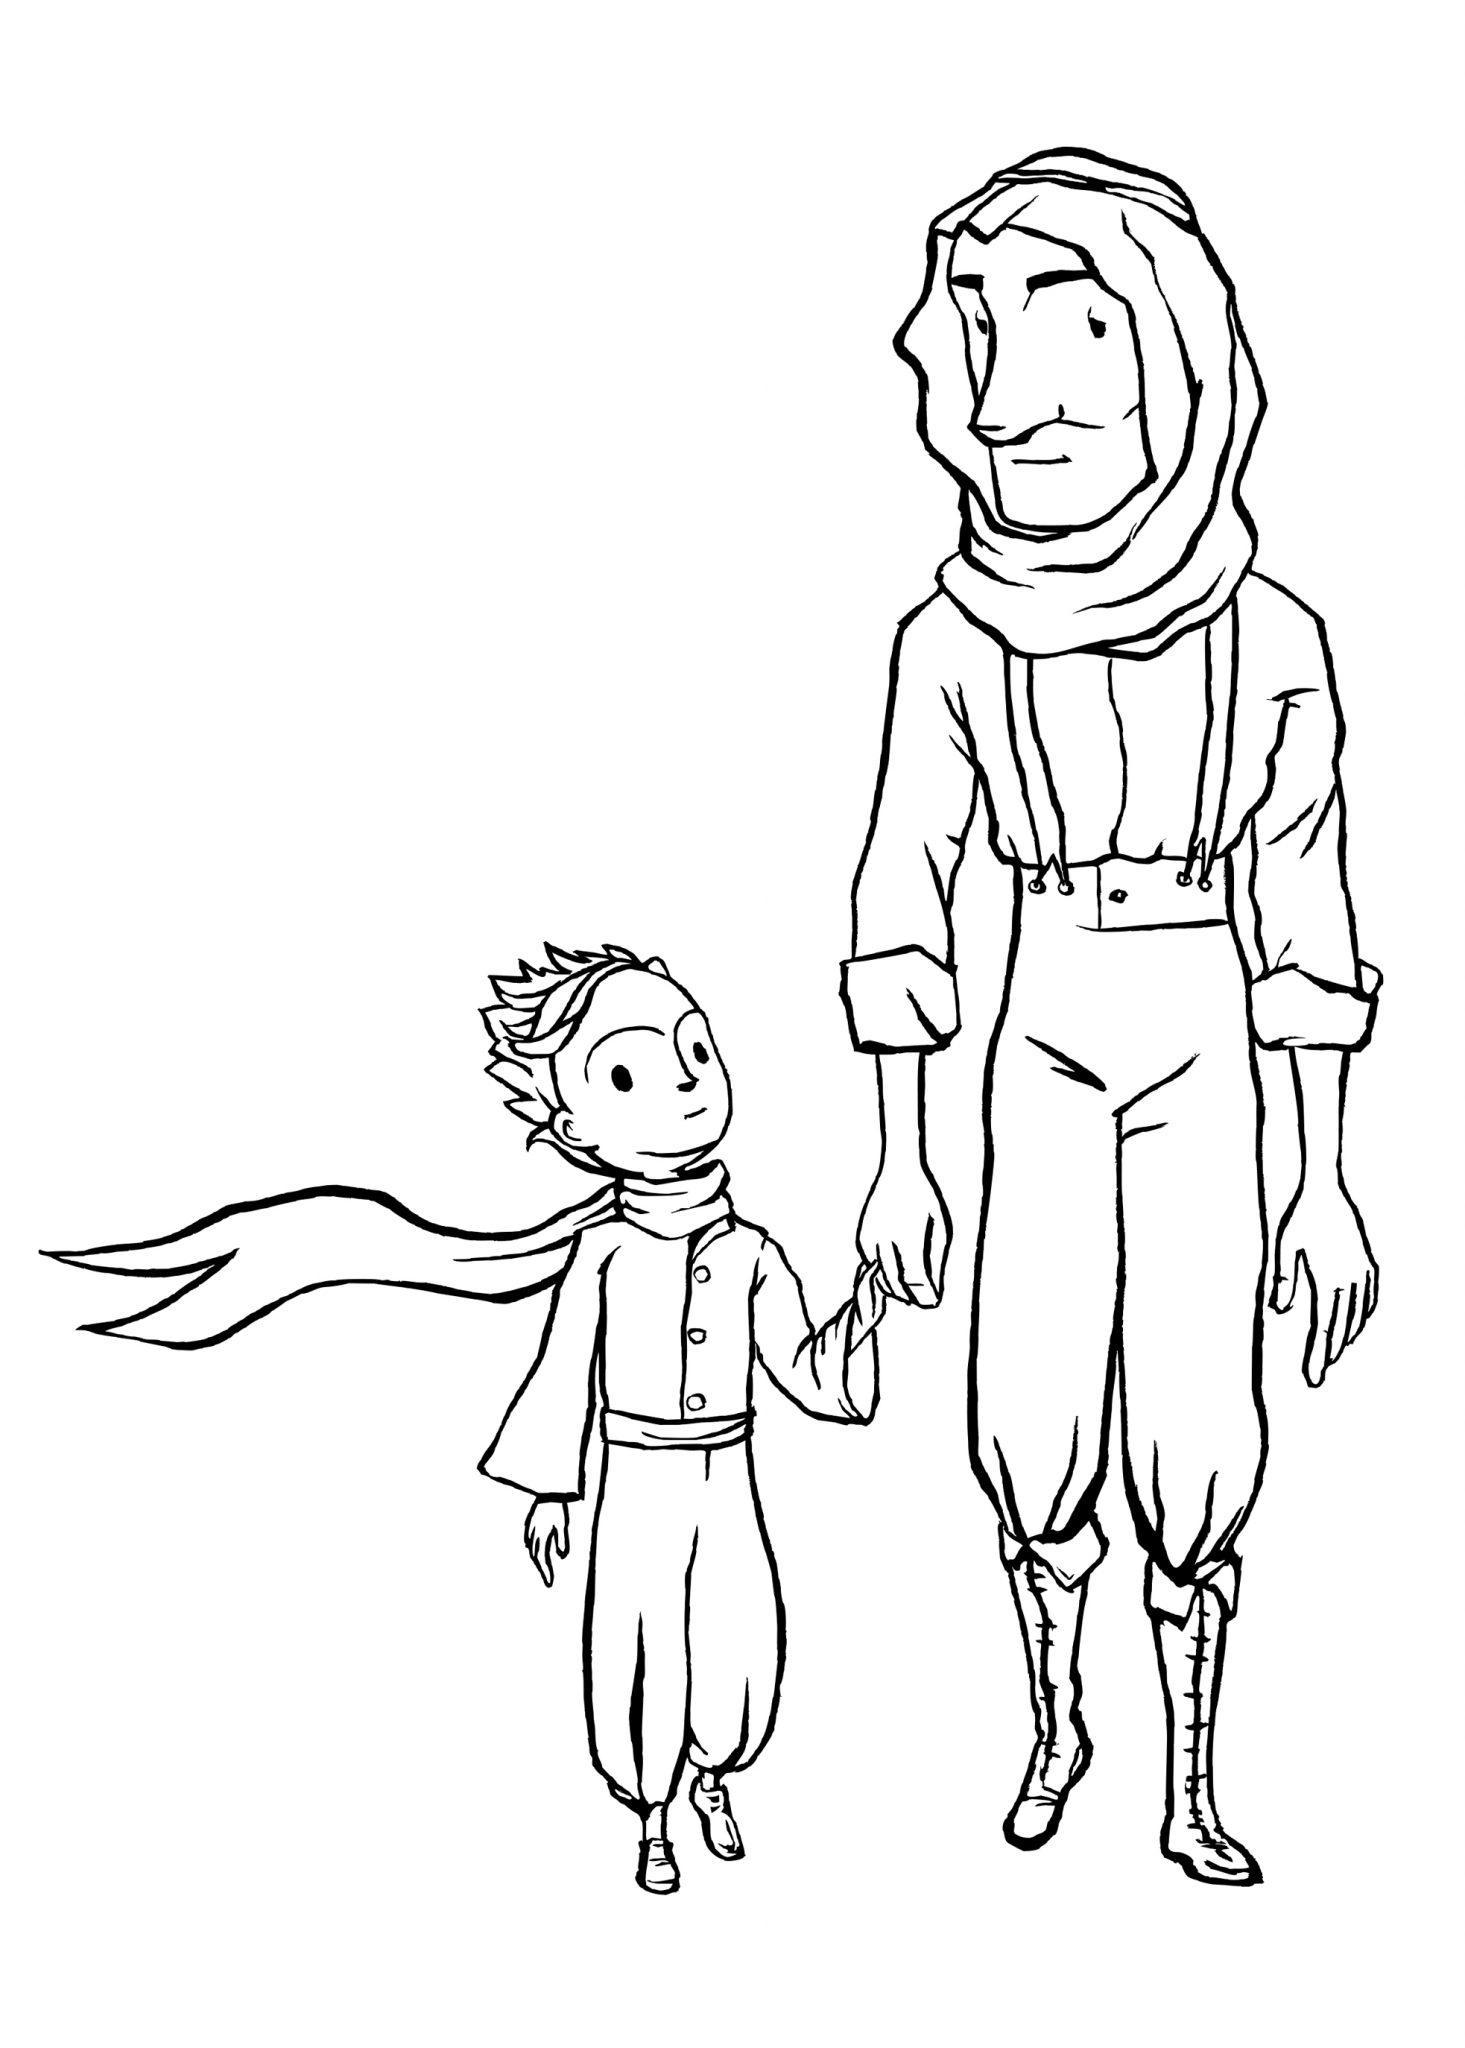 детские раскраски маленький принц распечатать